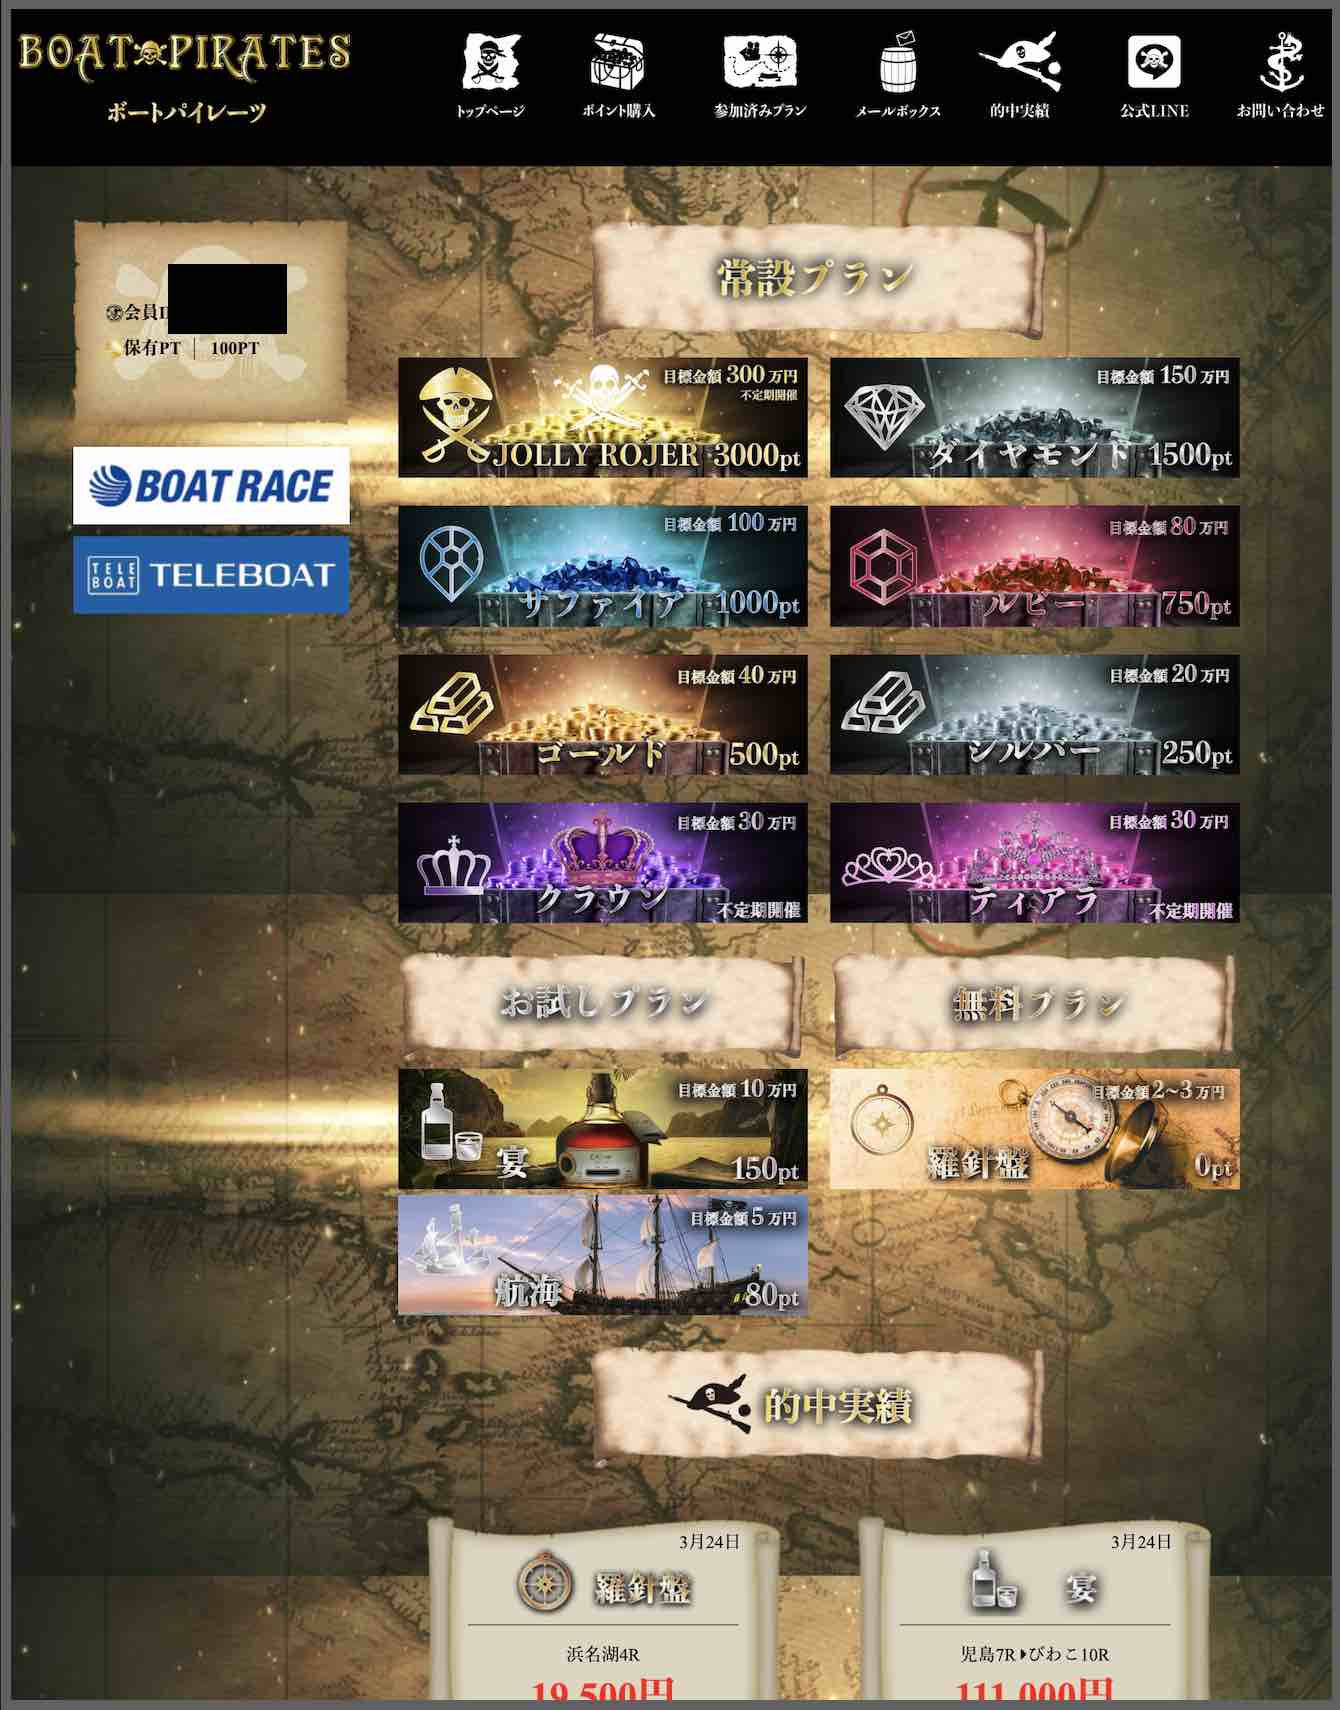 ボートパイレーツという競艇予想サイト(ボートレース予想サイト)の会員ページ